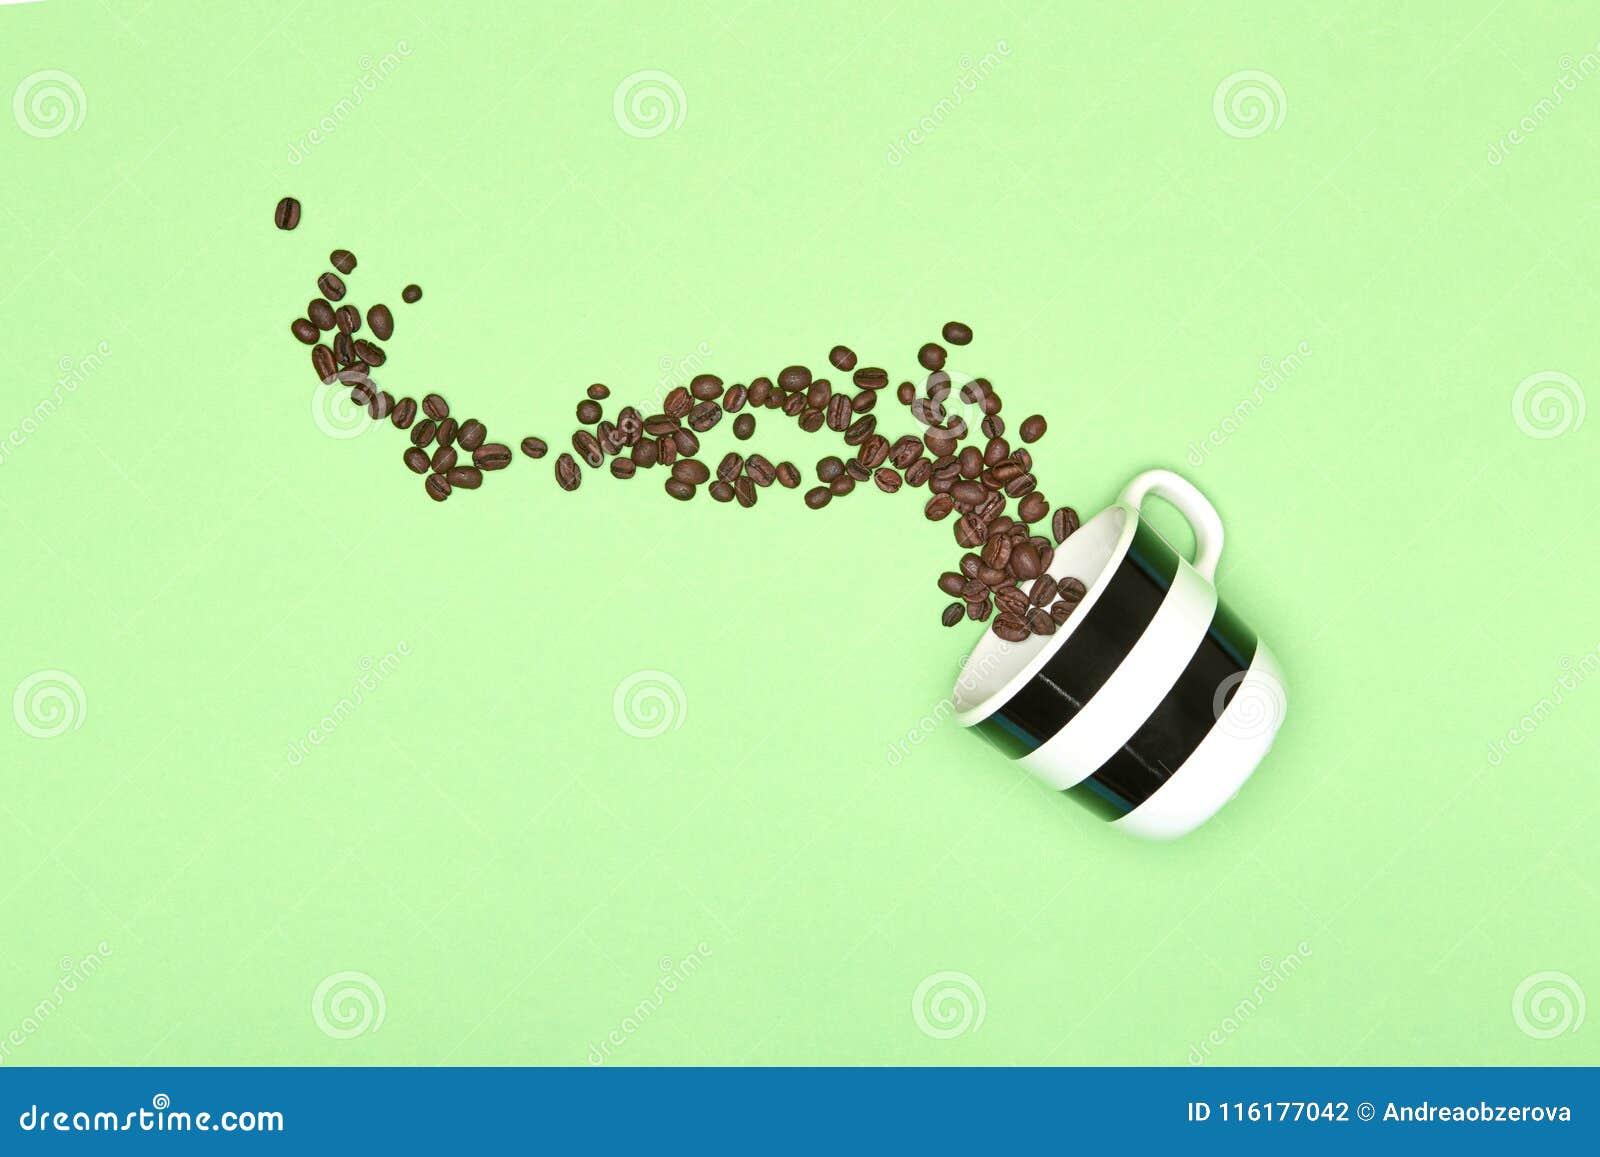 Fondo colorato pastello creativo della tazza di caffè di Pop art Tazza da caffè e chicchi di caffè arrostiti